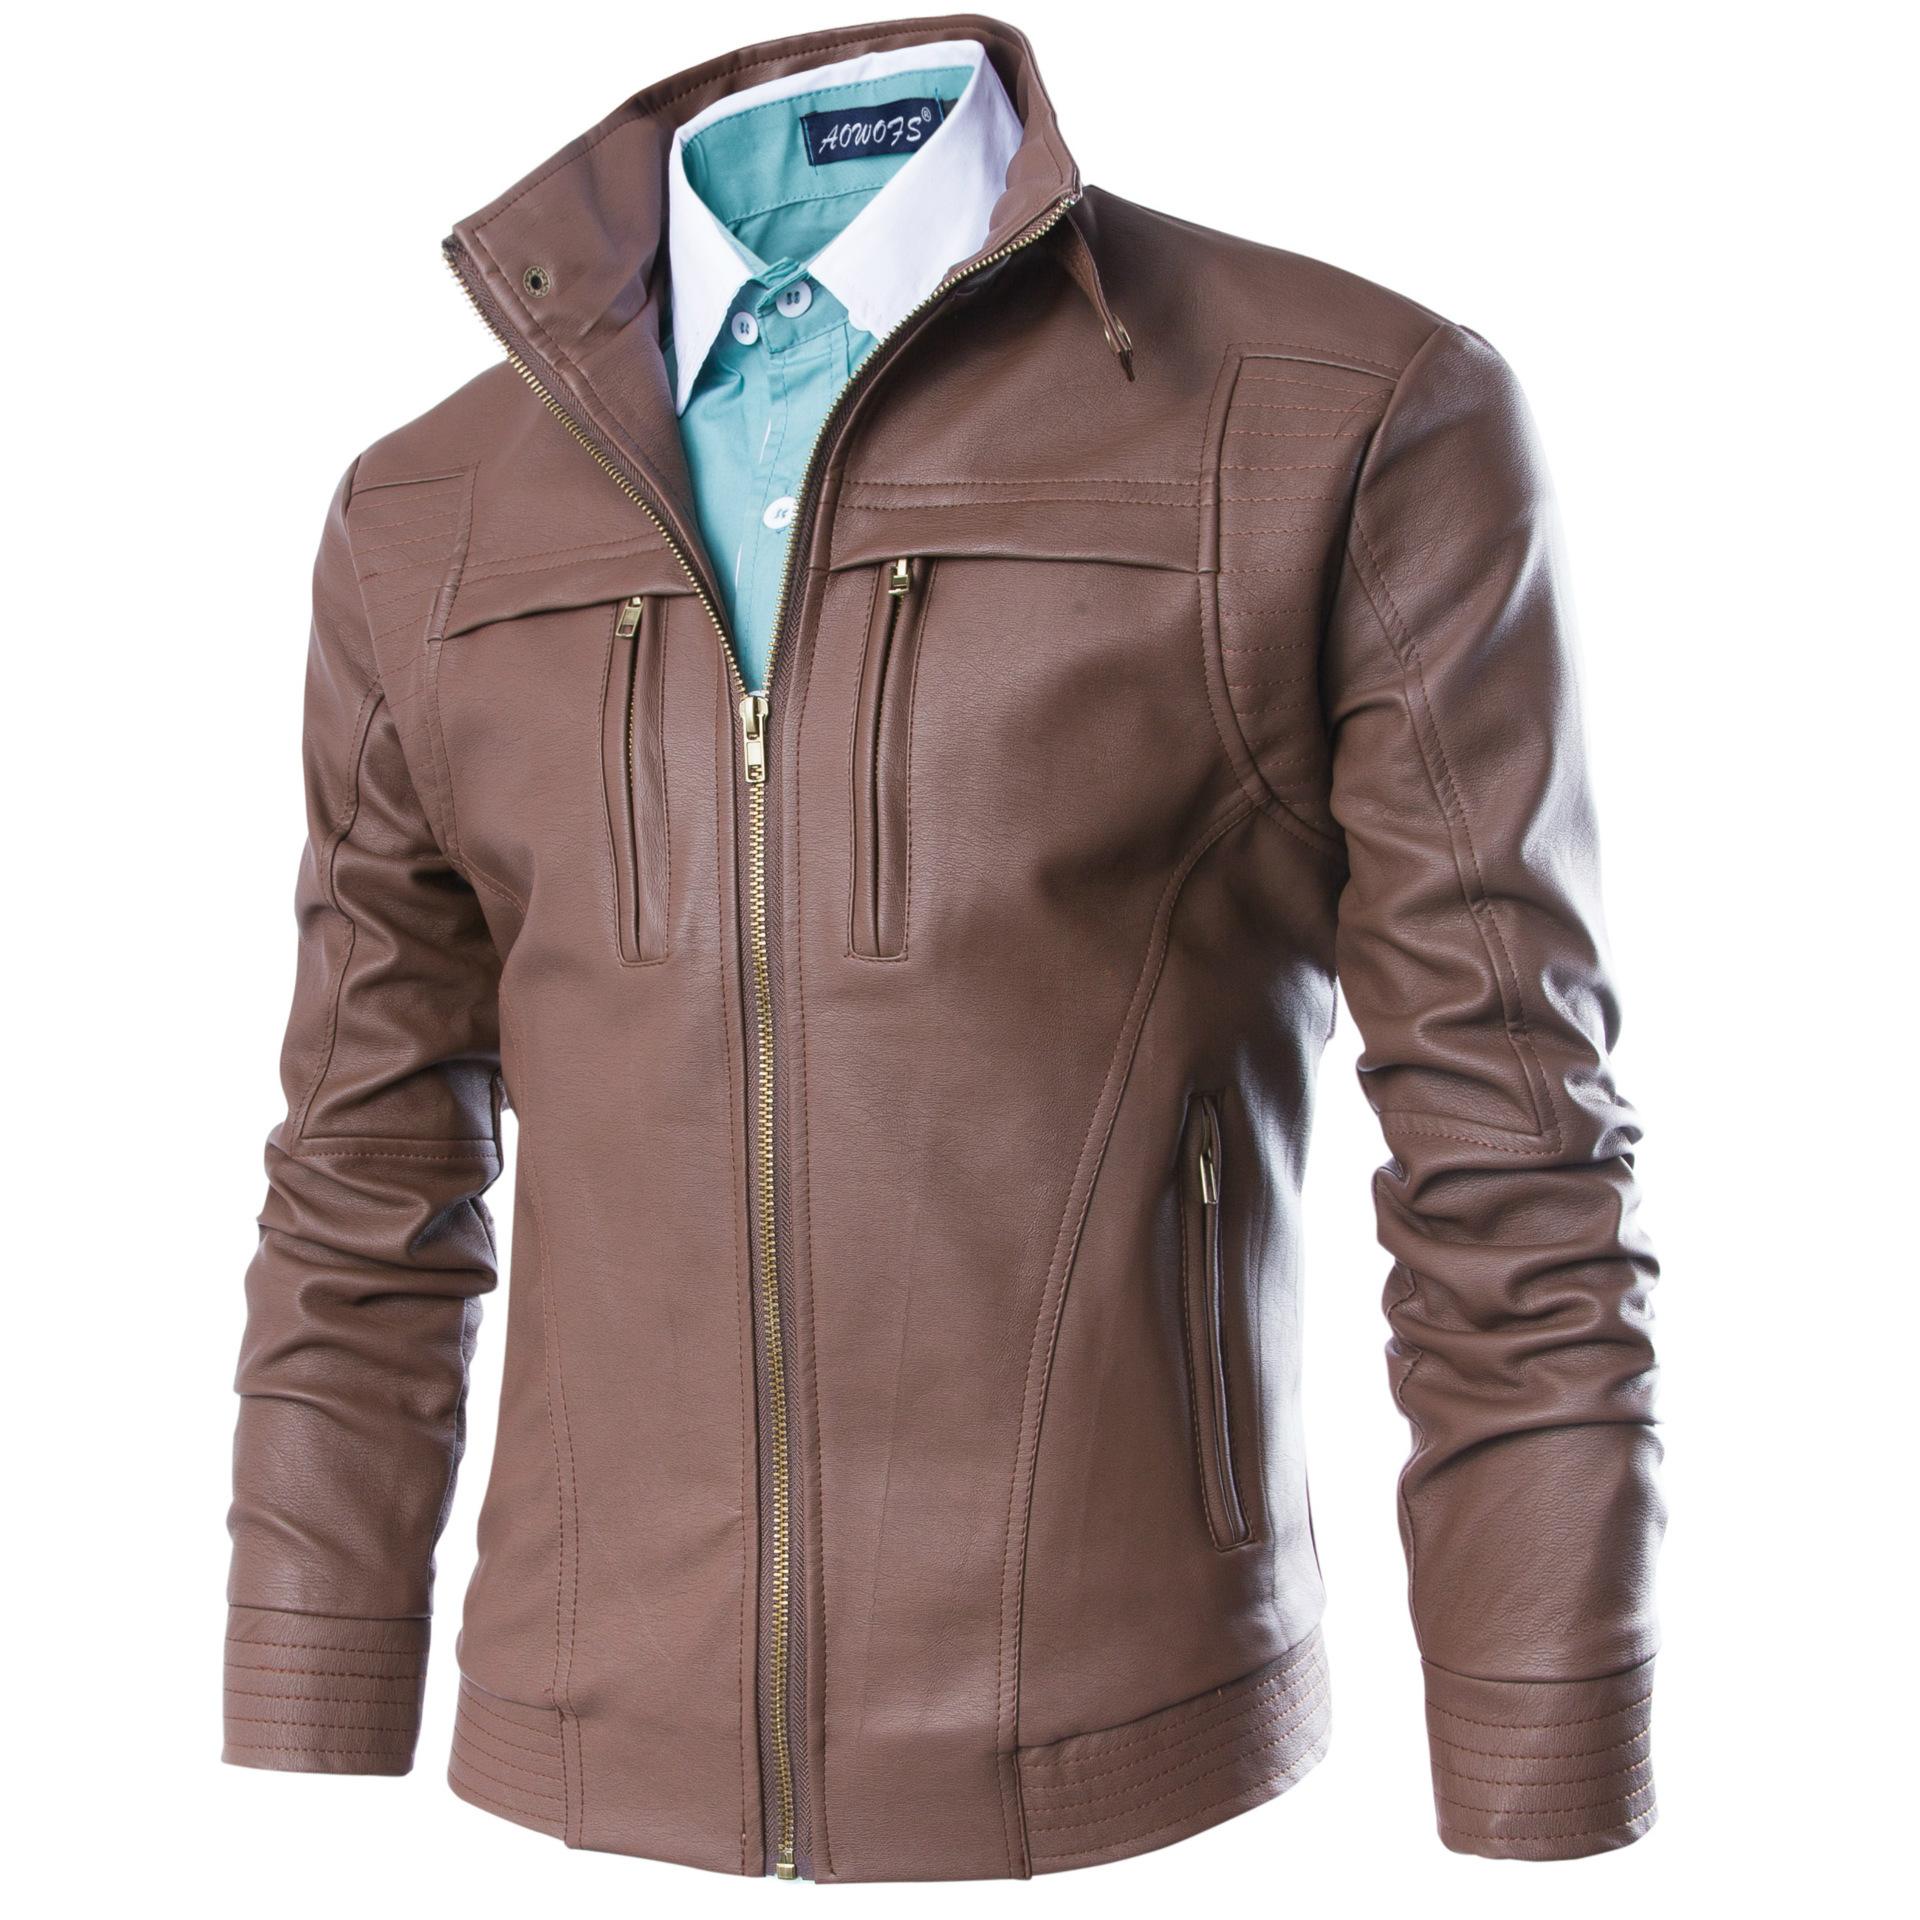 เสื้อแจ็คเก็ตหนังผู้ชายสีน้ำตาล เสื้อหนังสีน้ำตาล